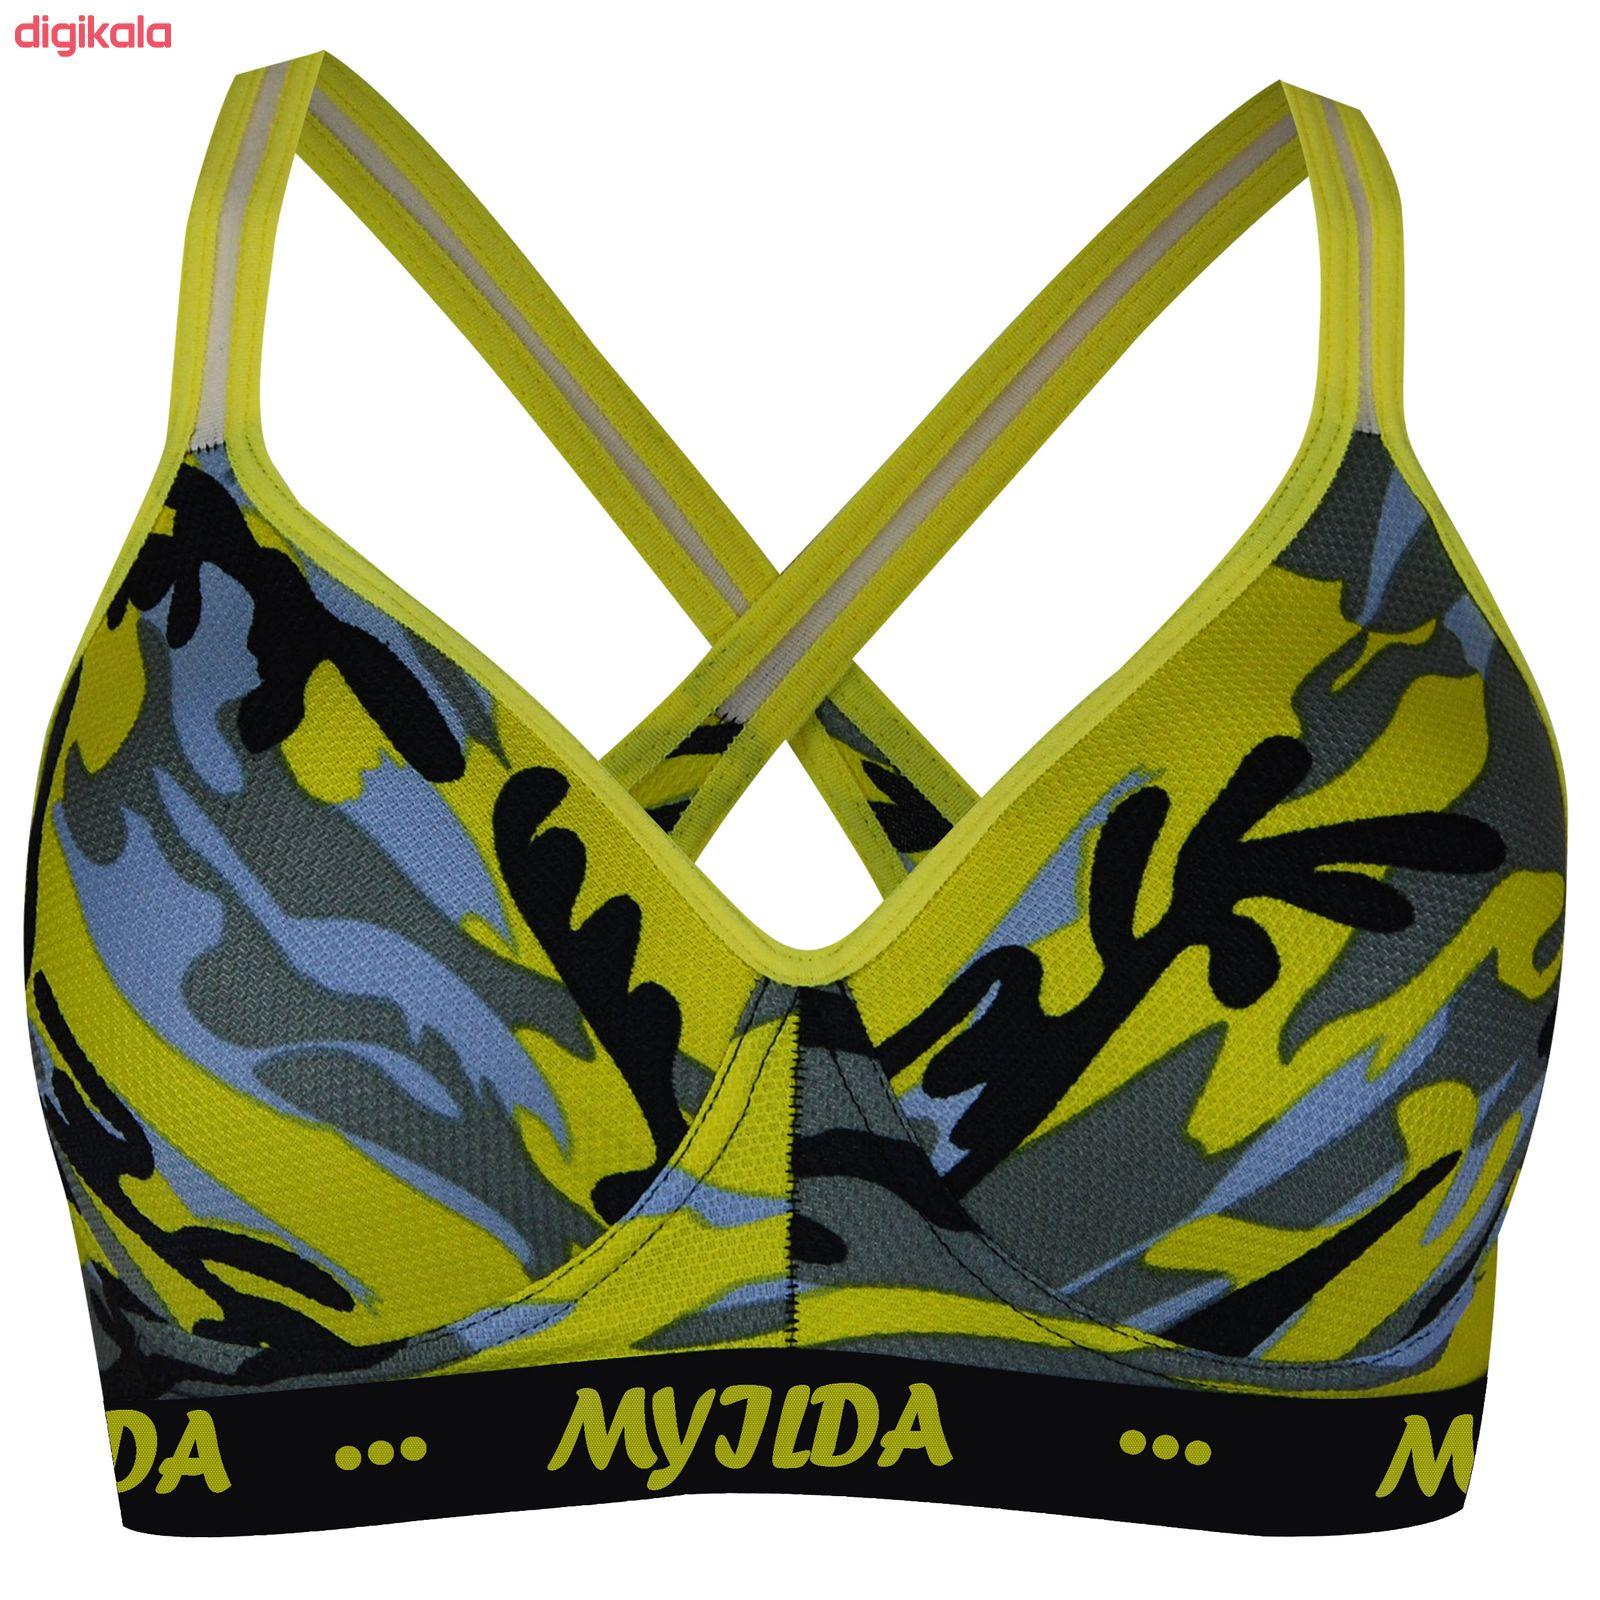 نیم تنه ورزشی زنانه ماییلدا مدل 3532-5 main 1 1